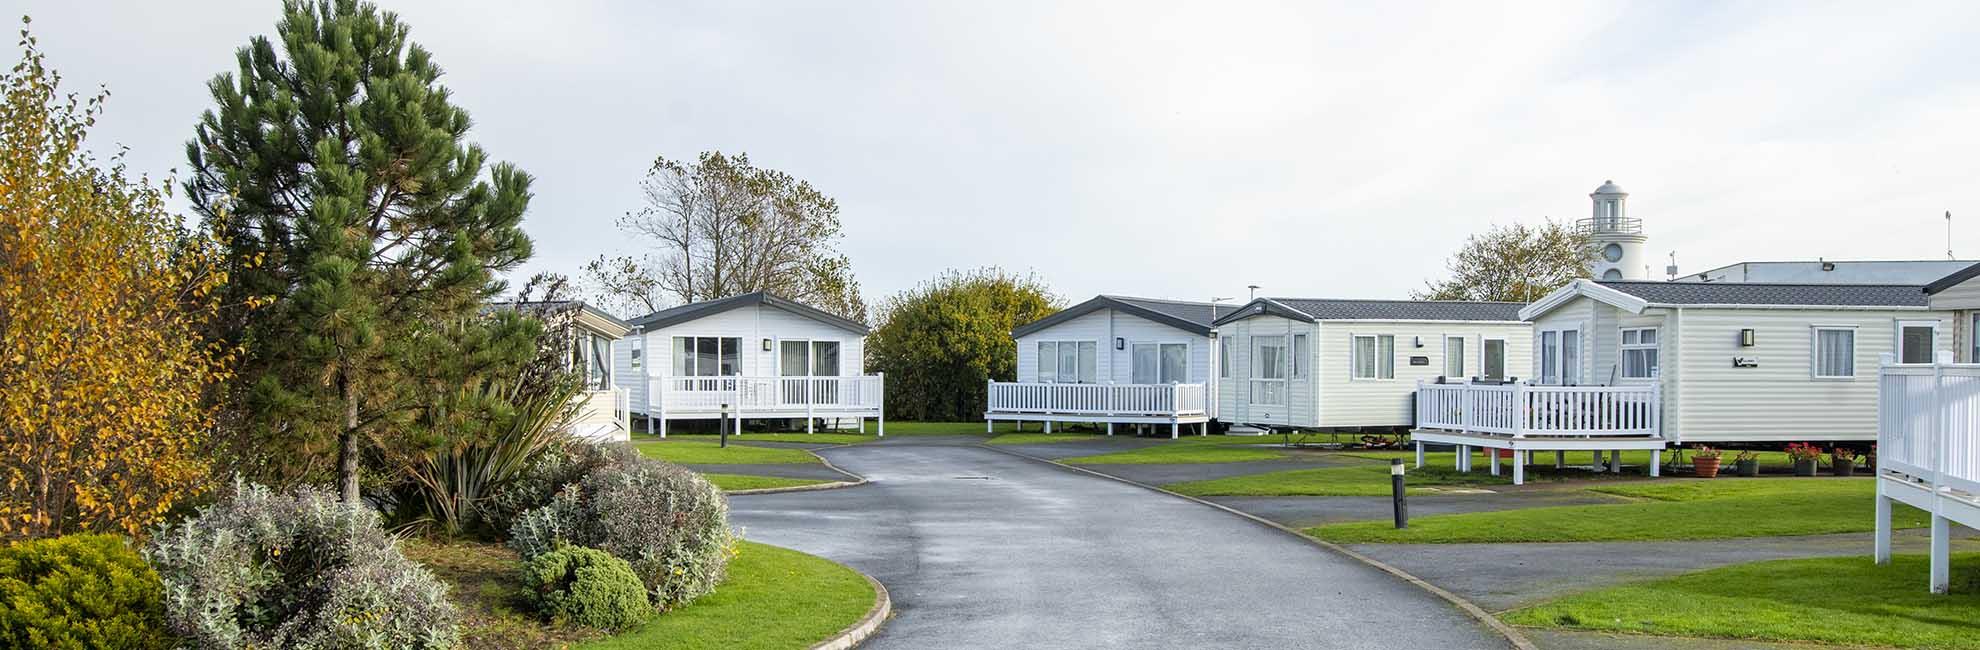 Holiday Accommodation at Whitley Bay Holiday Park